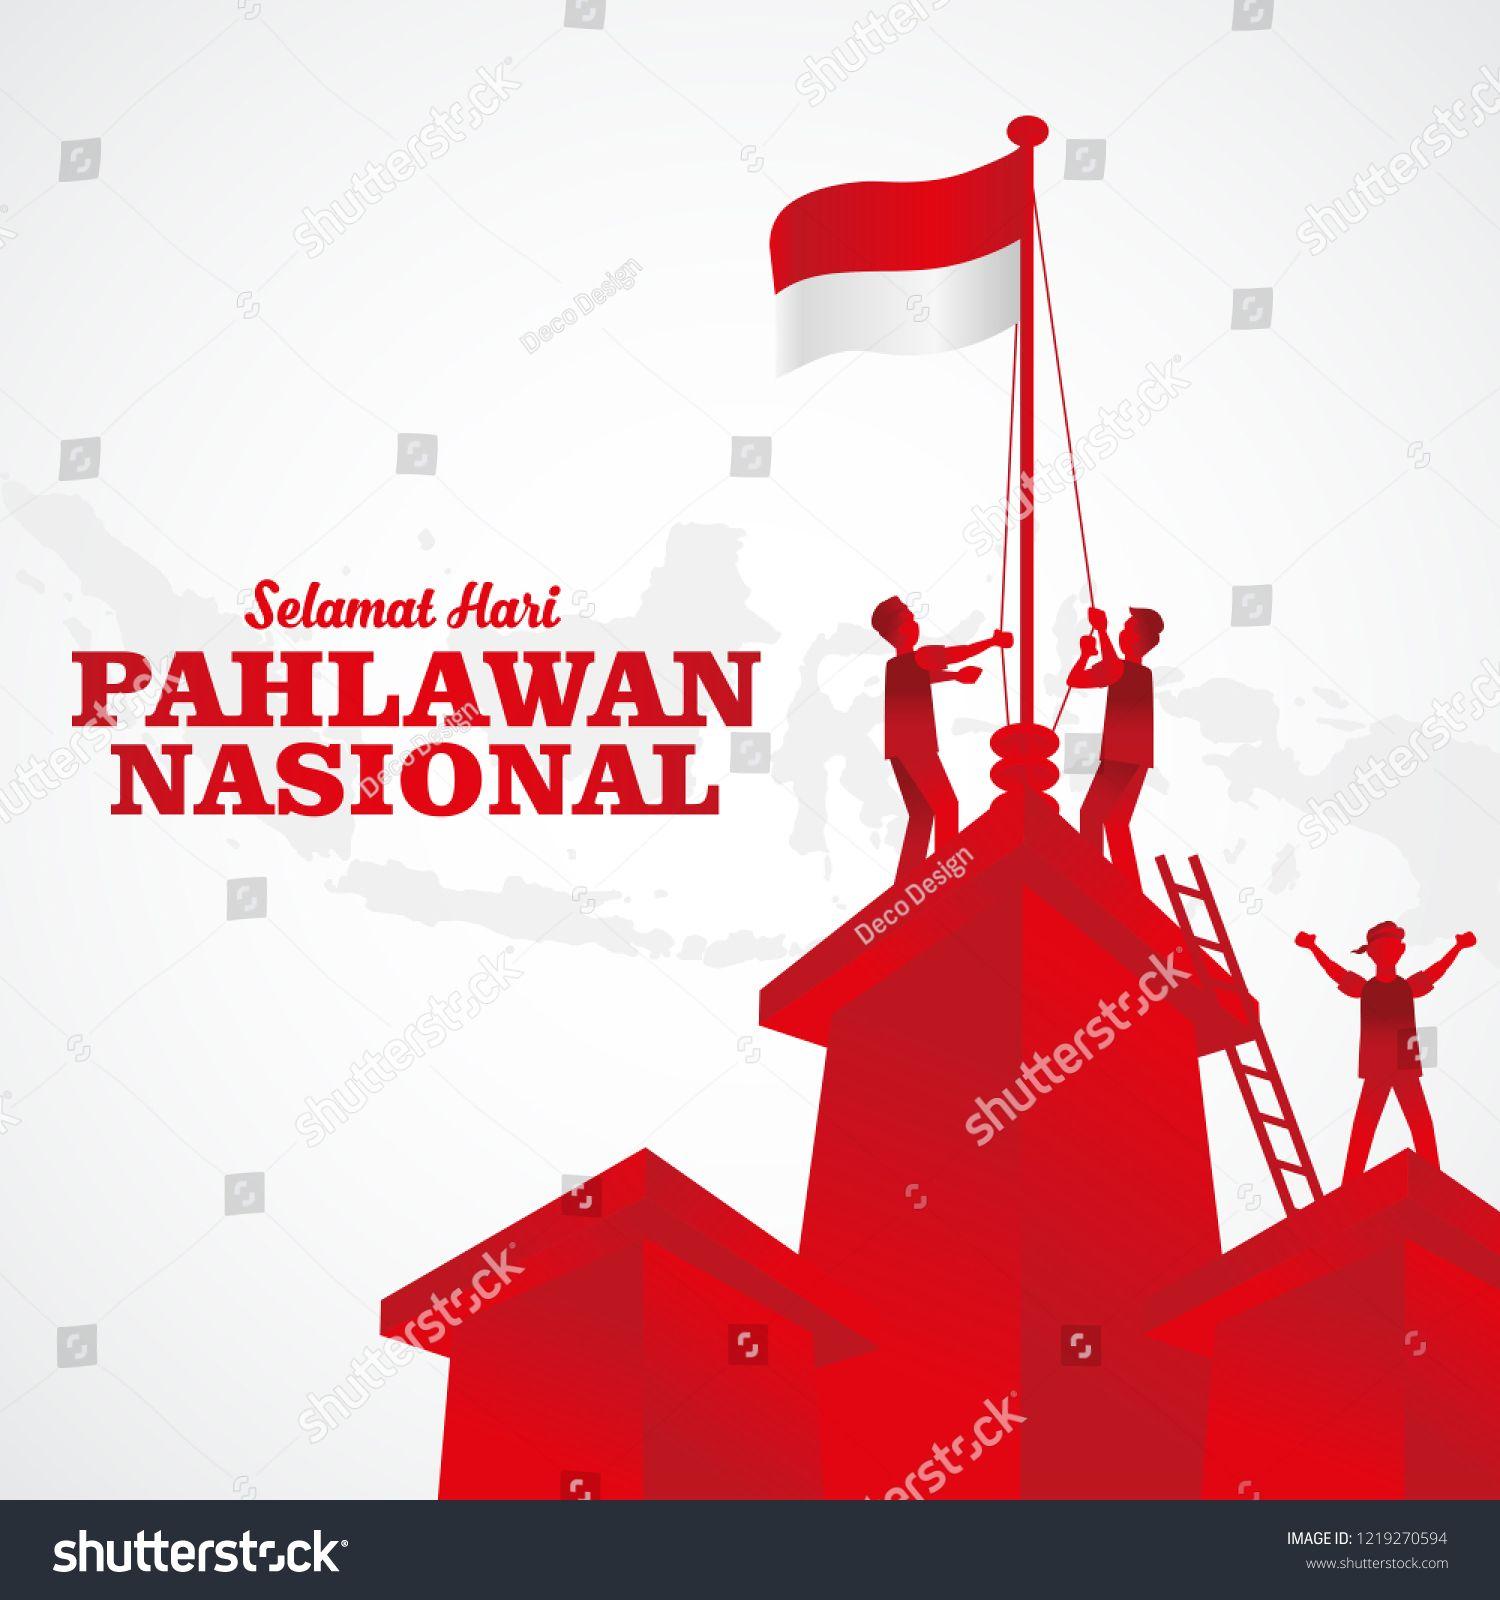 Gambar Foto Pahlawan Nasional Indonesia